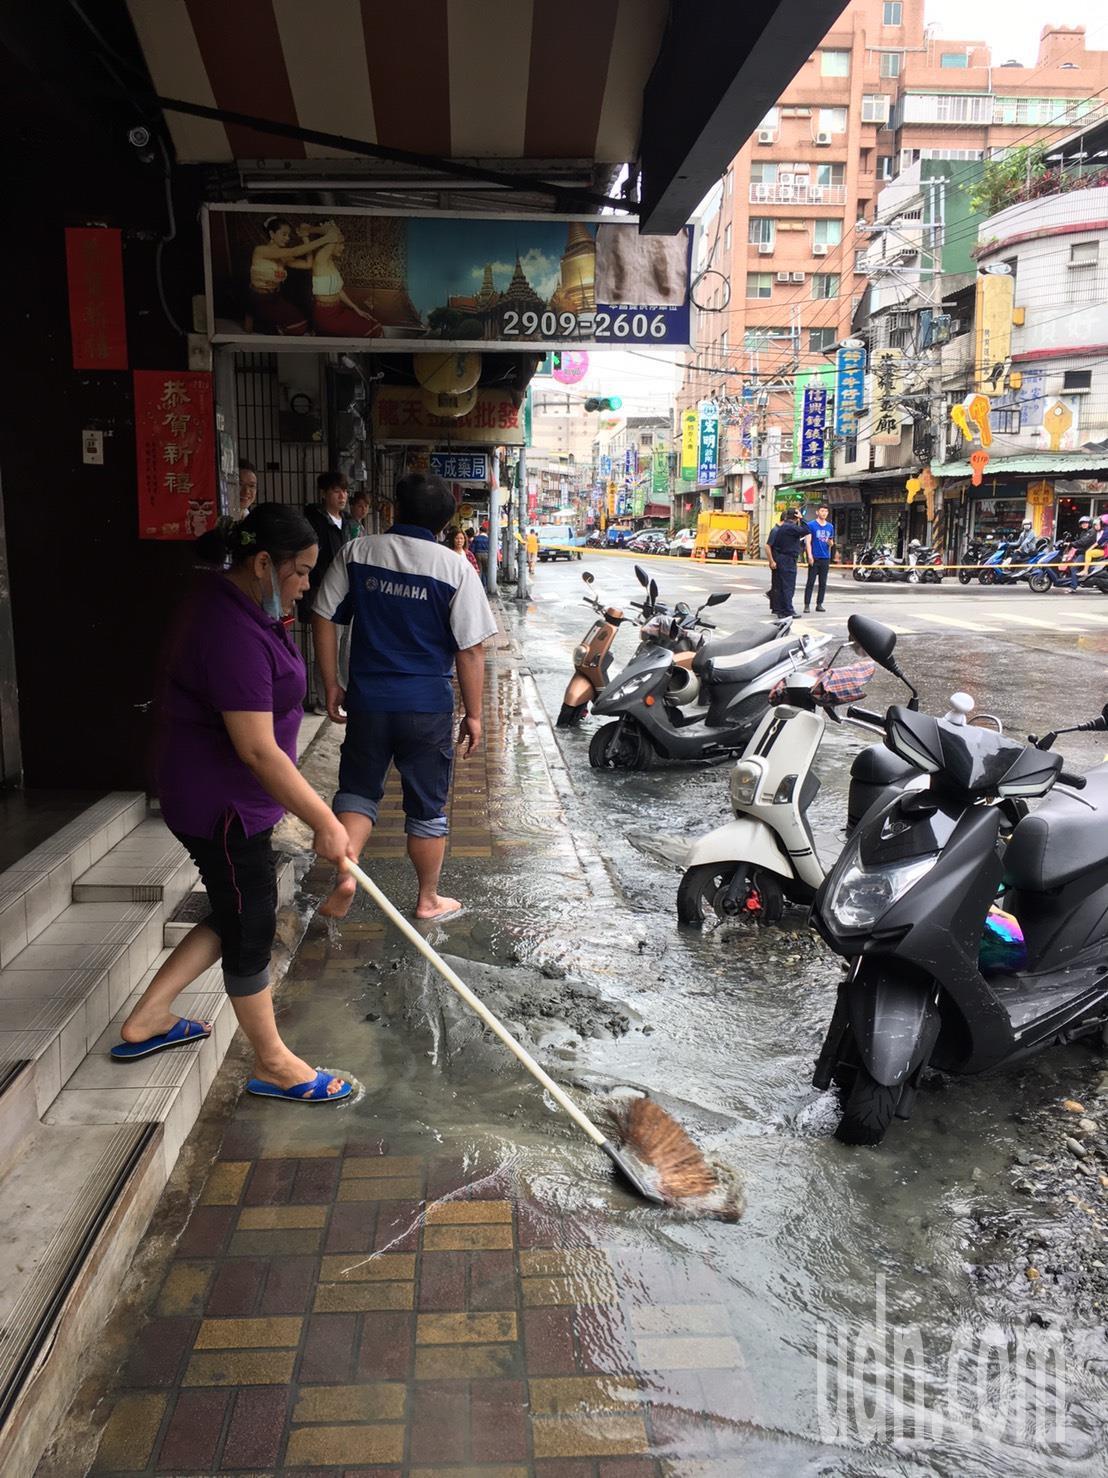 自來水夾帶泥沙沖進路旁商店,店家連忙清理善後。記者陳弘逸/攝影